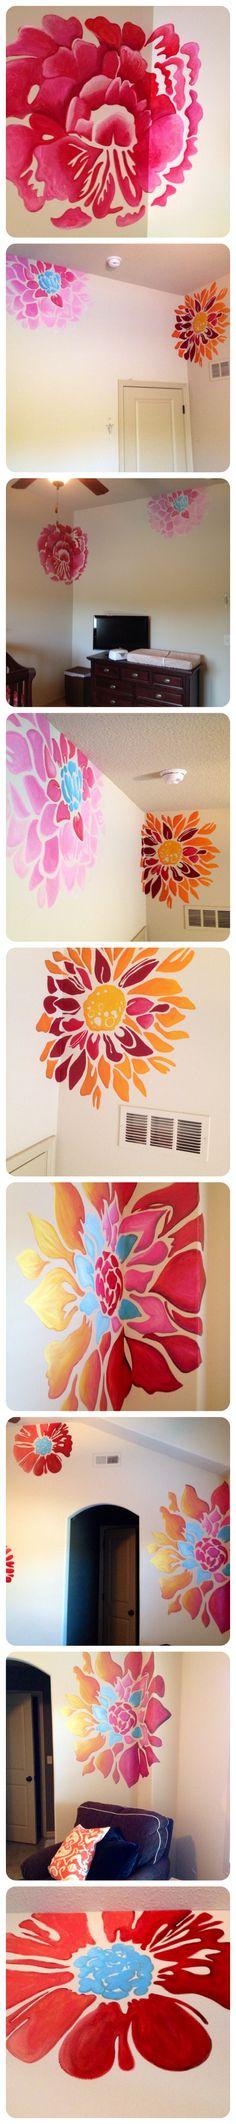 Mural art by artist Beth Snider/penelopeinmypocket.com